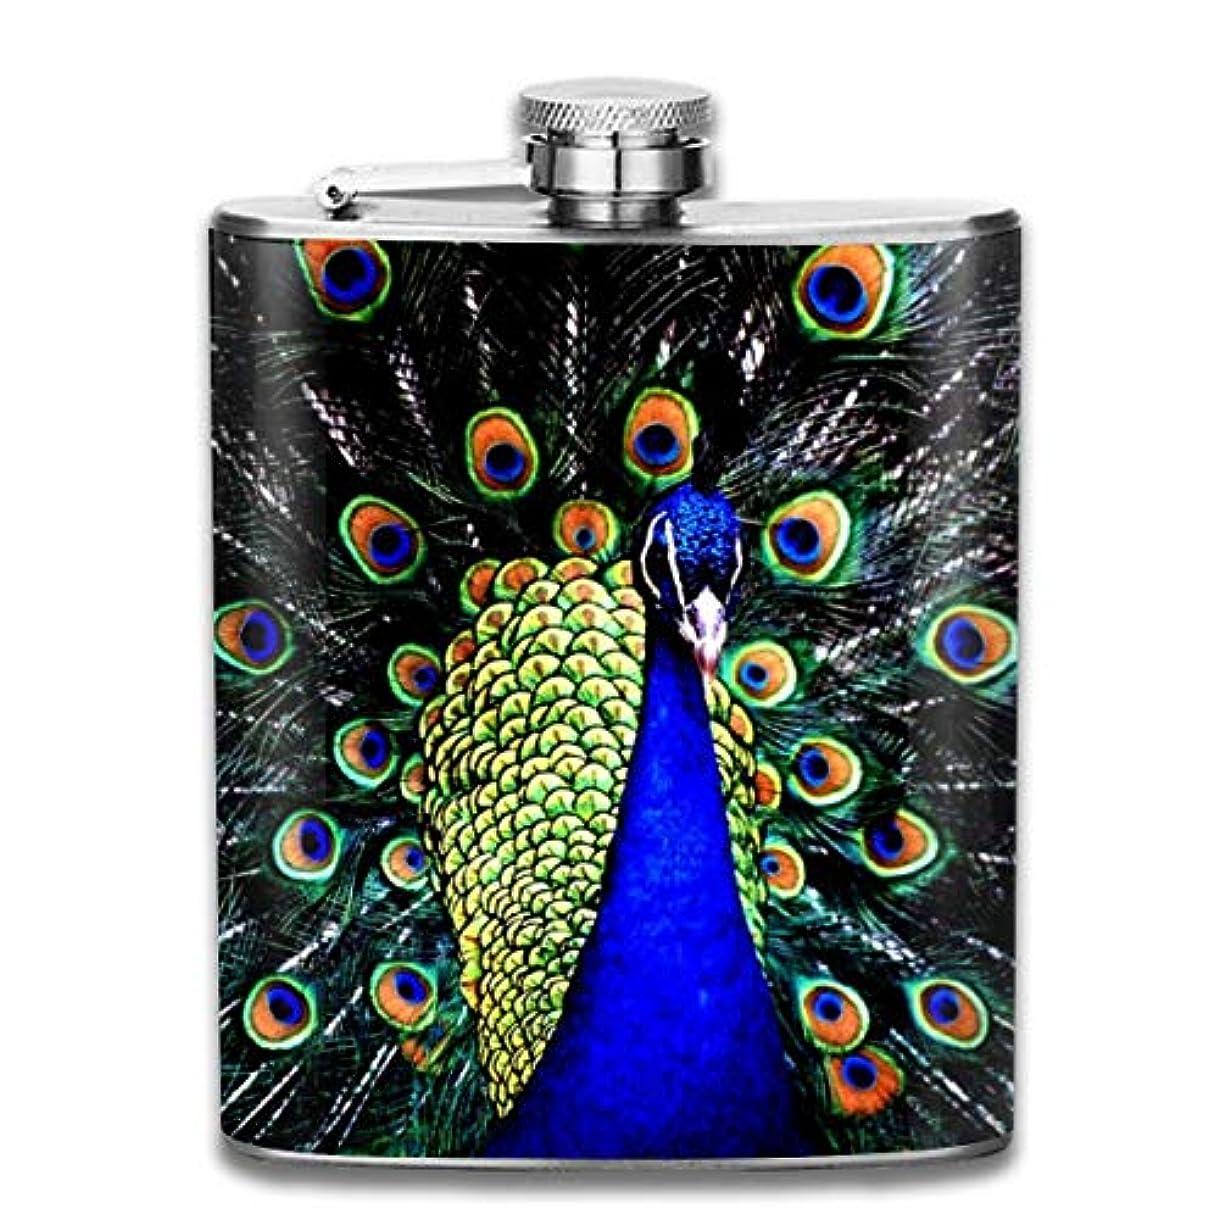 誇りに思う家主パイプブルームン 酒器 酒瓶 お酒 フラスコ 孔雀 翼 美しい ボトル 携帯用 フラゴン ワインポット 7oz 200ml ステンレス製 メンズ U型